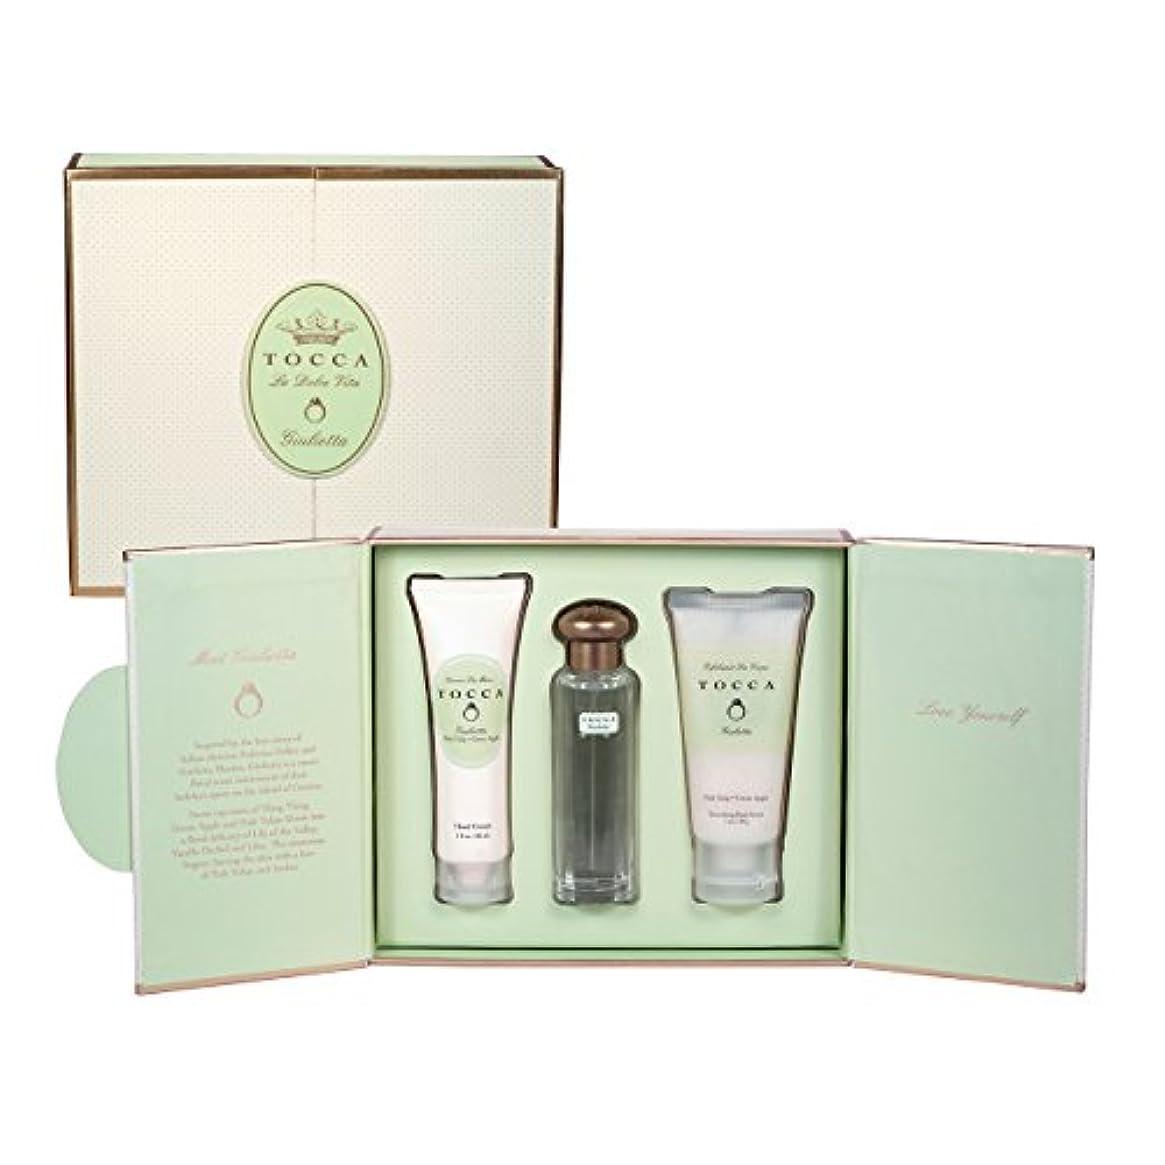 領事館やけど重くするトッカ(TOCCA) ドルチェヴィータコレクション ジュリエッタの香り (香水20ml、ハンドクリーム30ml、ボディーケアスクラブ30ml)